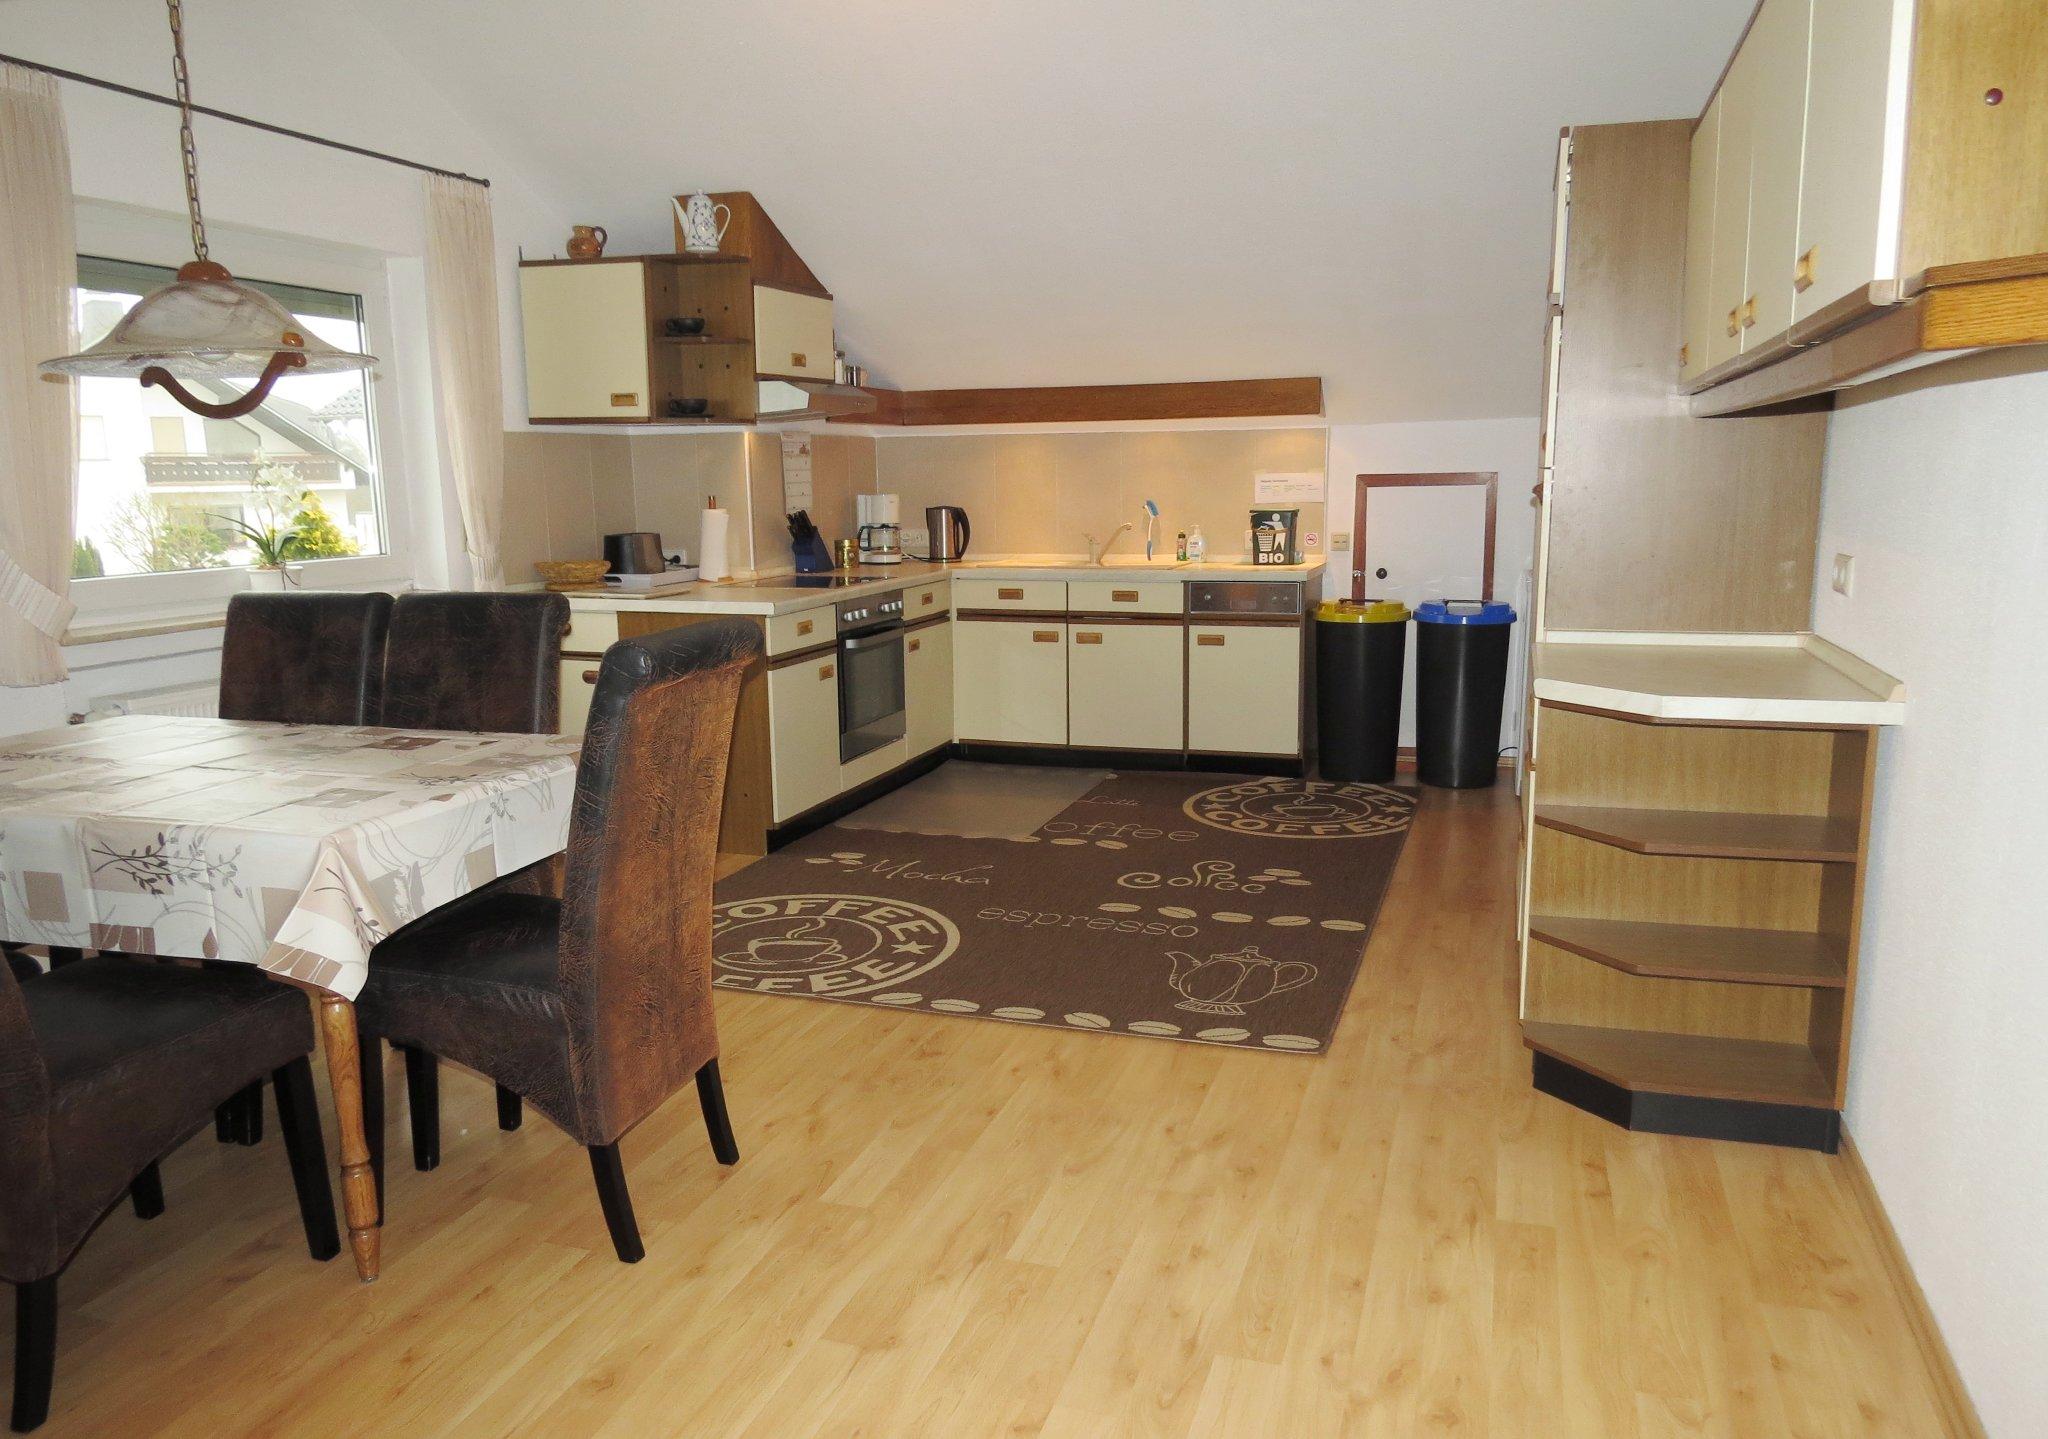 Einzelbett in separatem Schlafzimmer